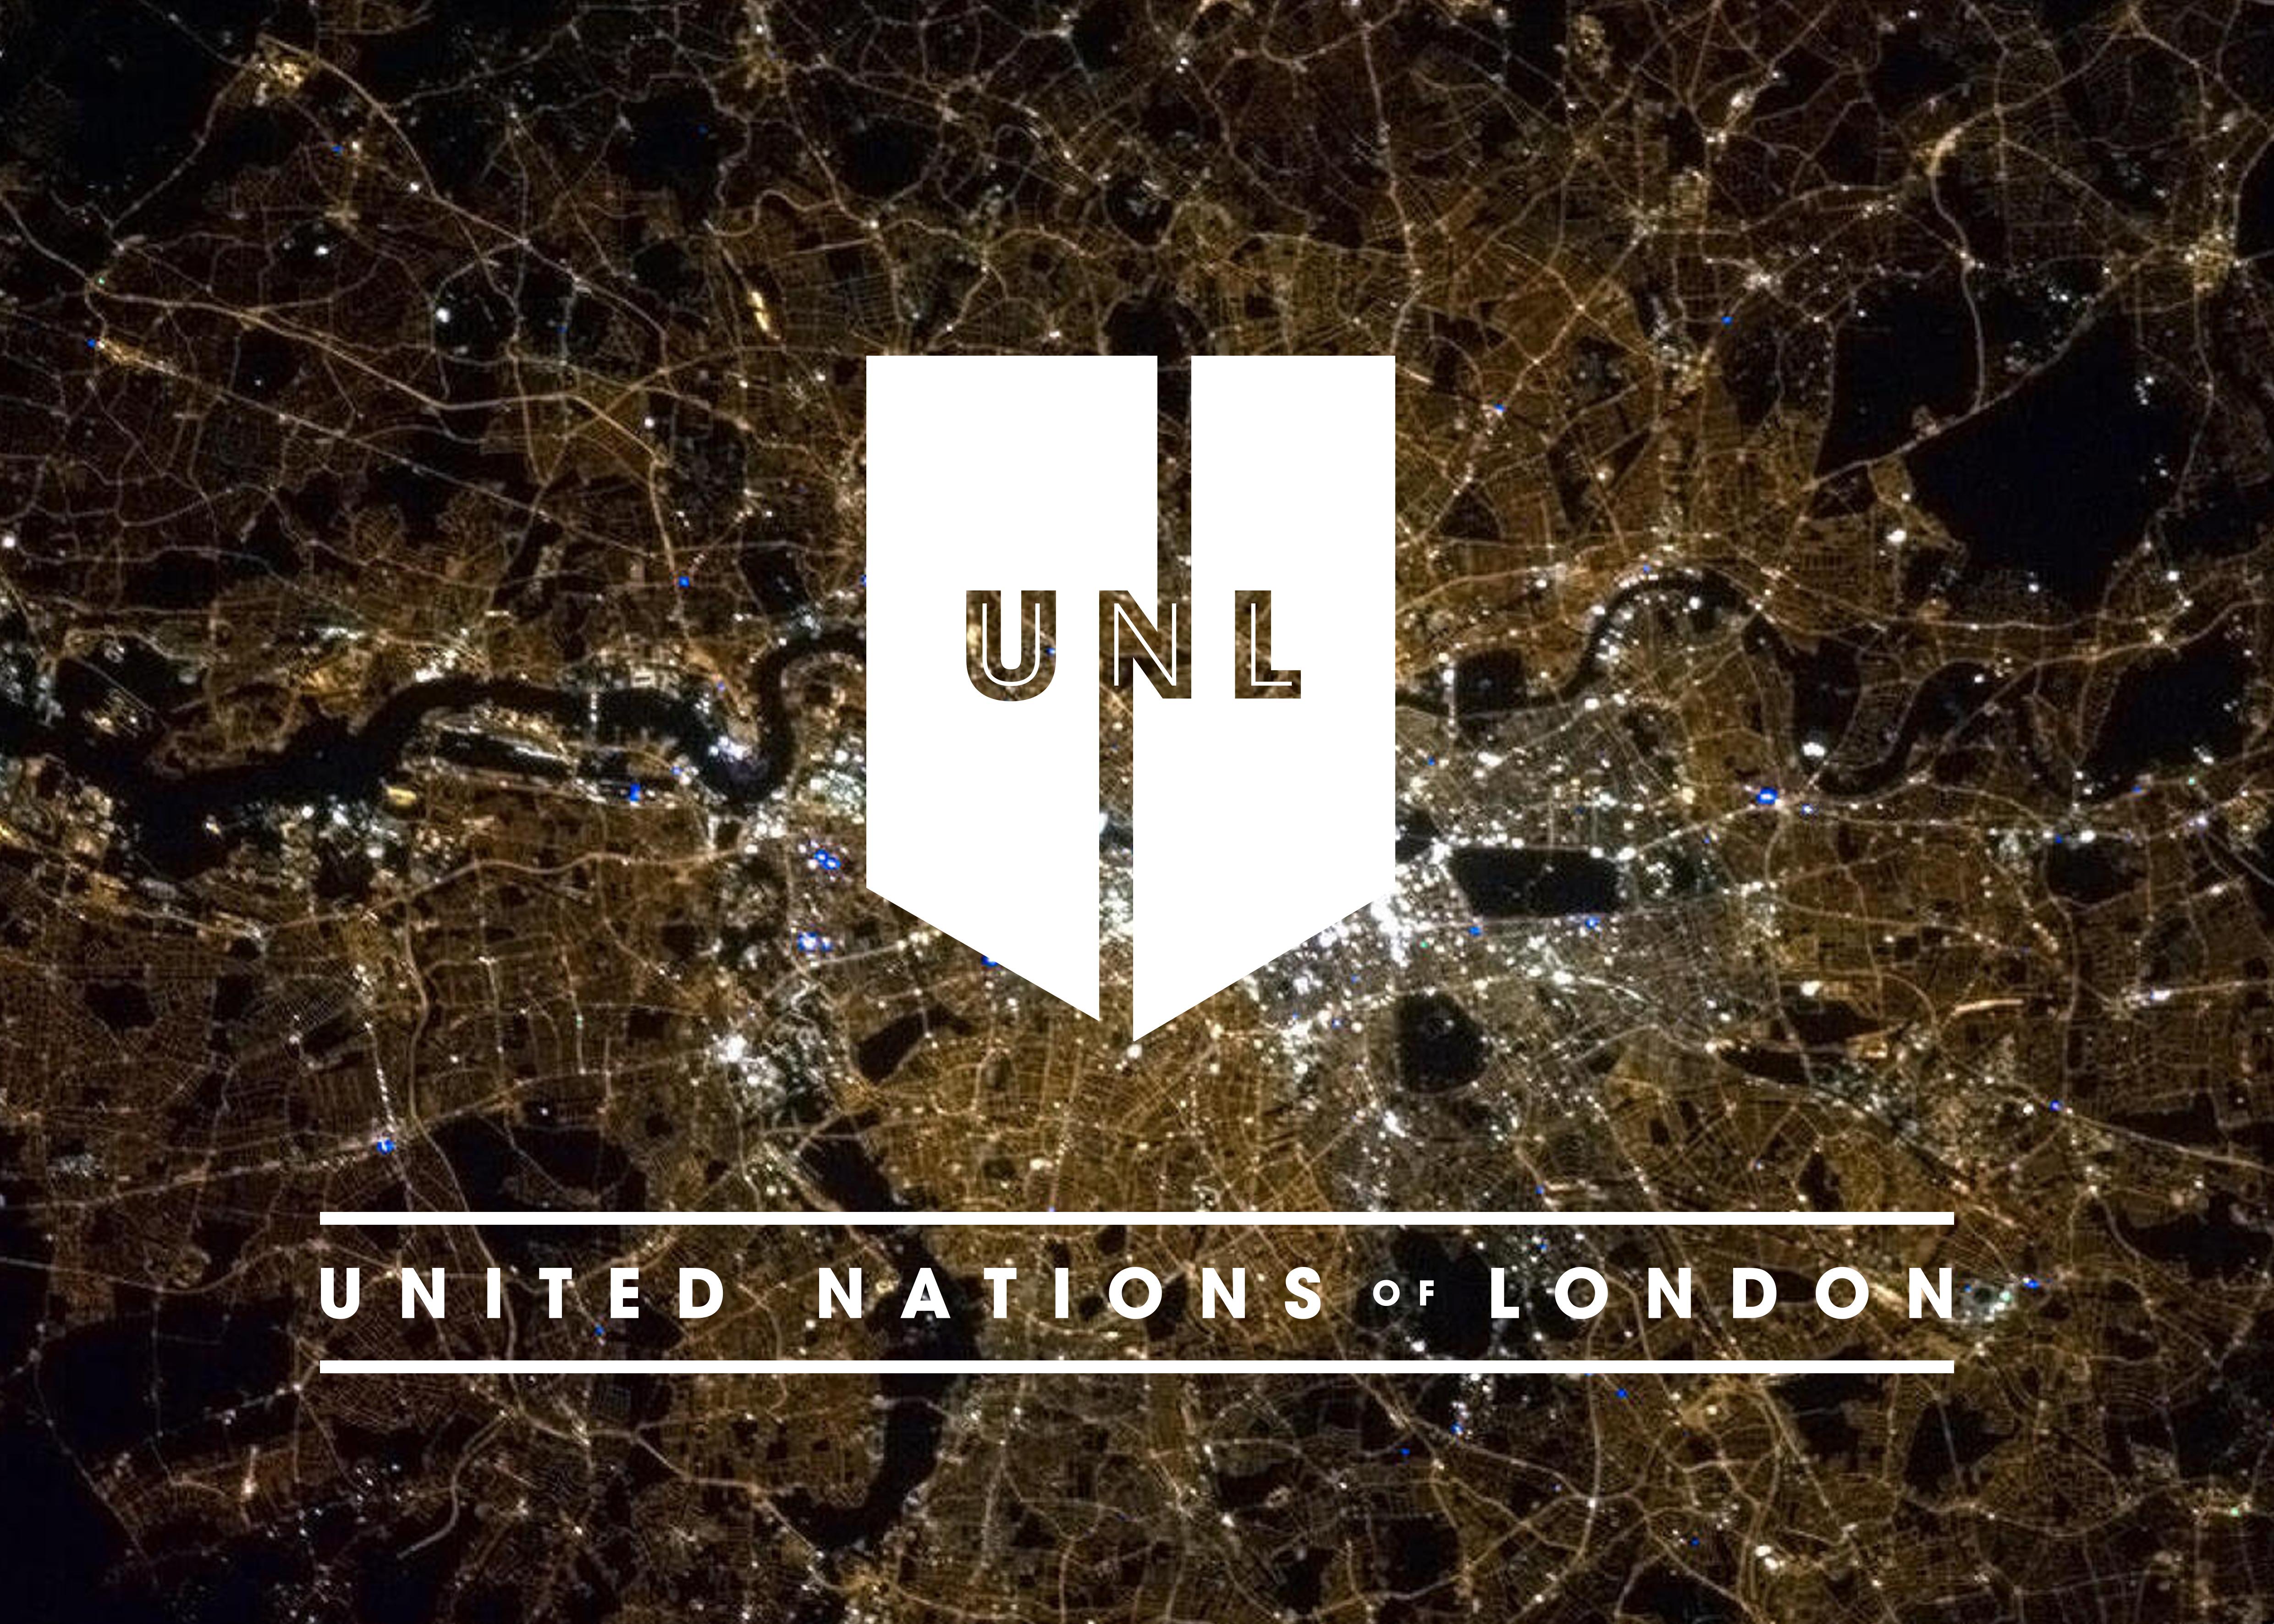 UNL_01